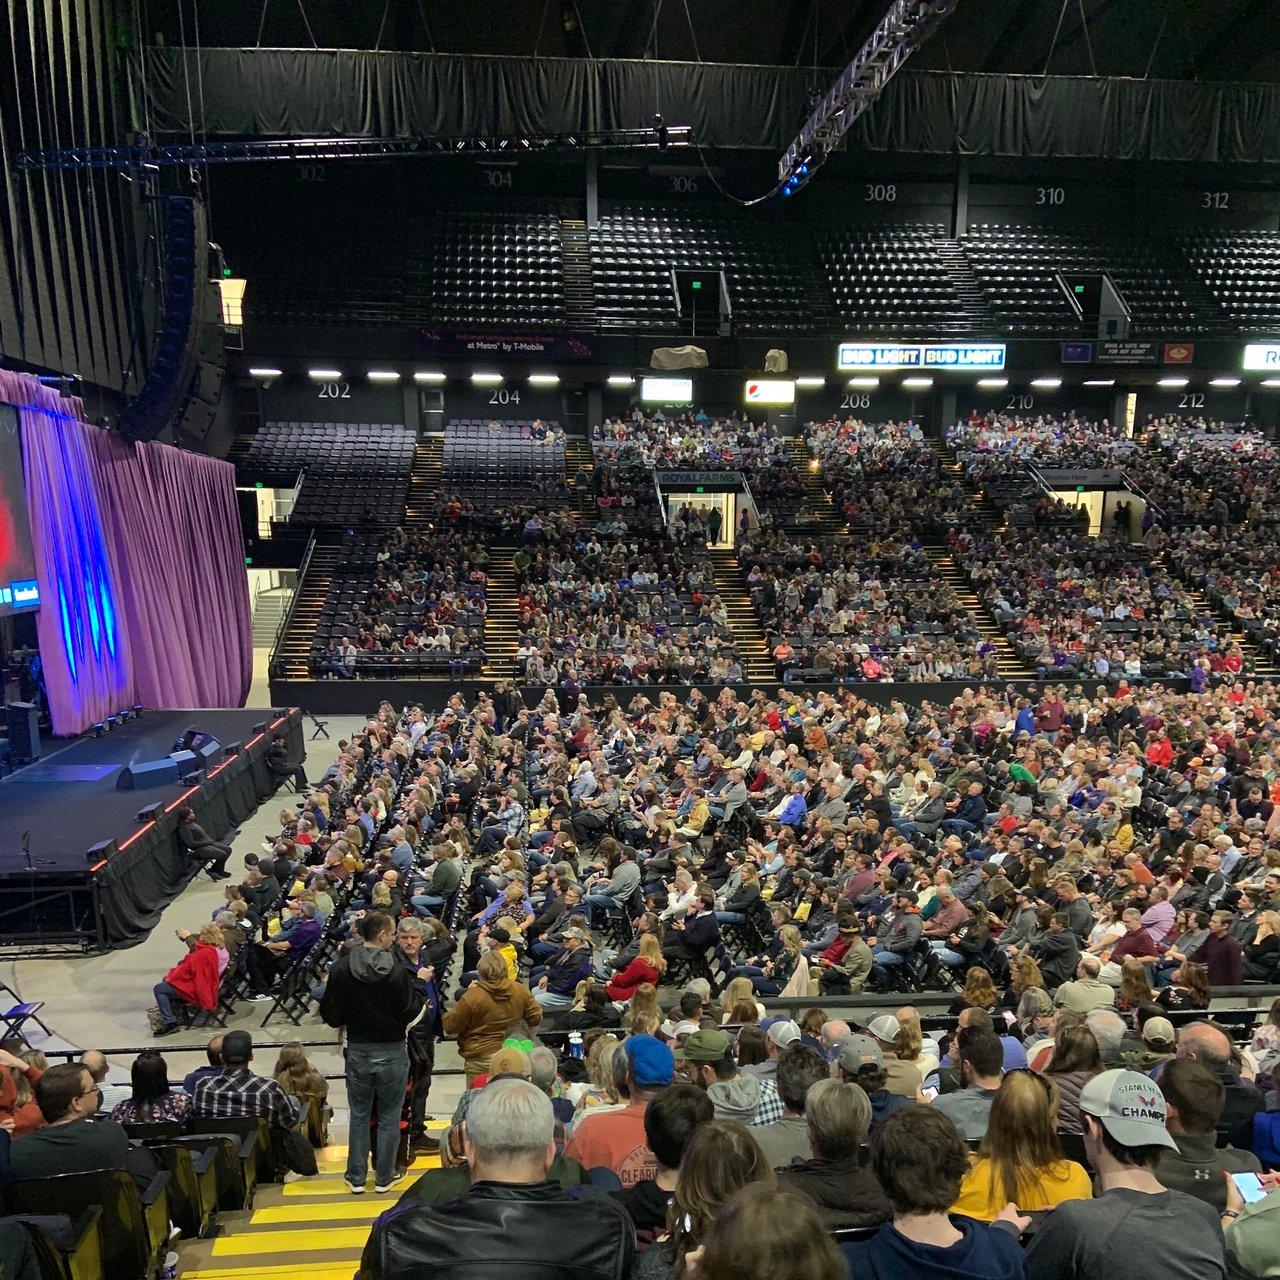 Royal Farms Arena Baltimore Atualizado 2021 O Que Saber Antes De Ir Sobre O Que As Pessoas Estão Falando Tripadvisor